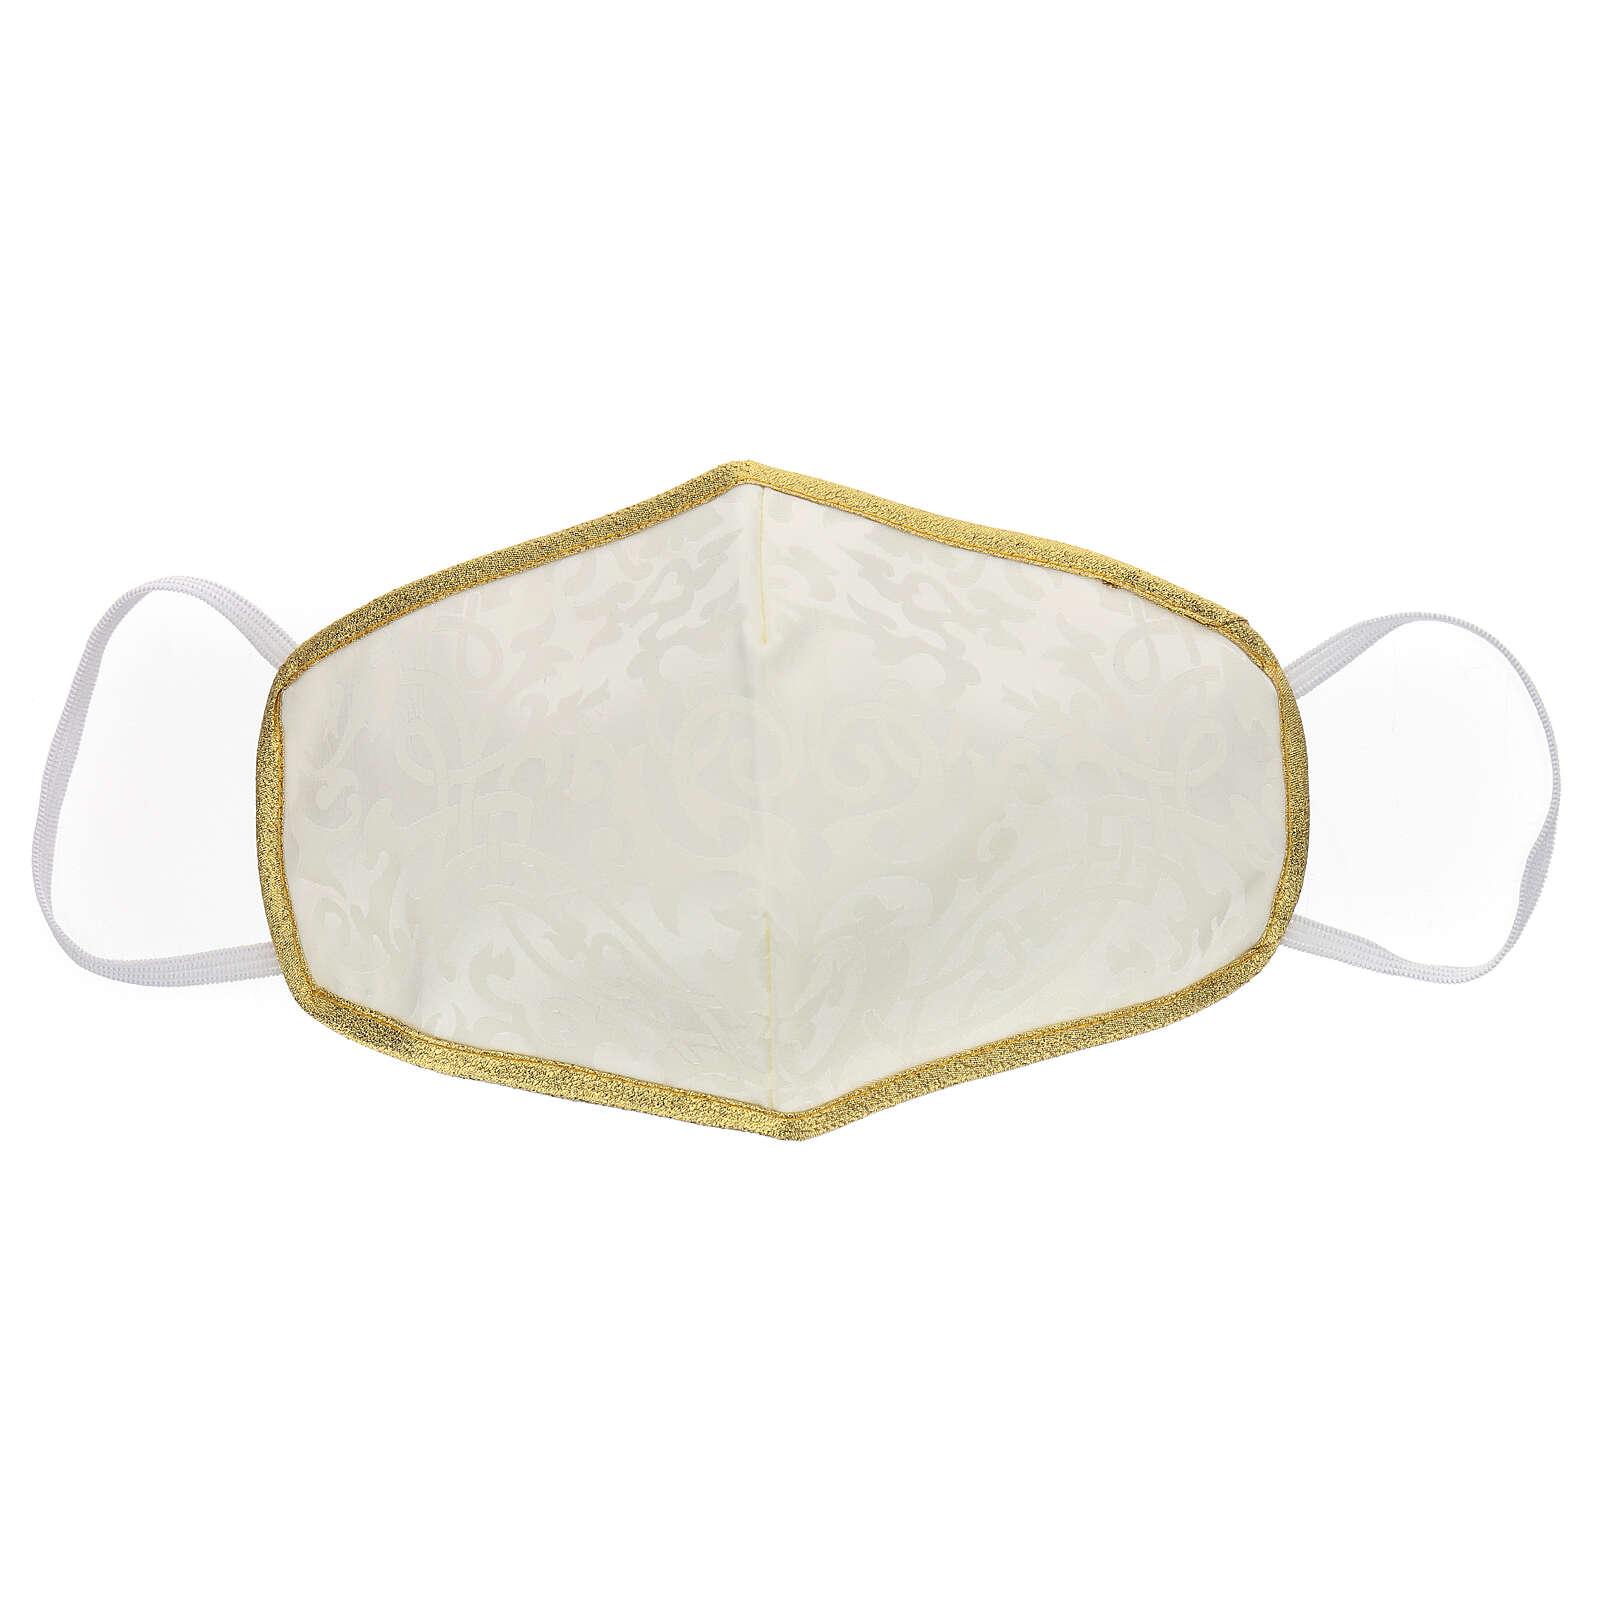 Masque lavable en tissu ivoire/or 3